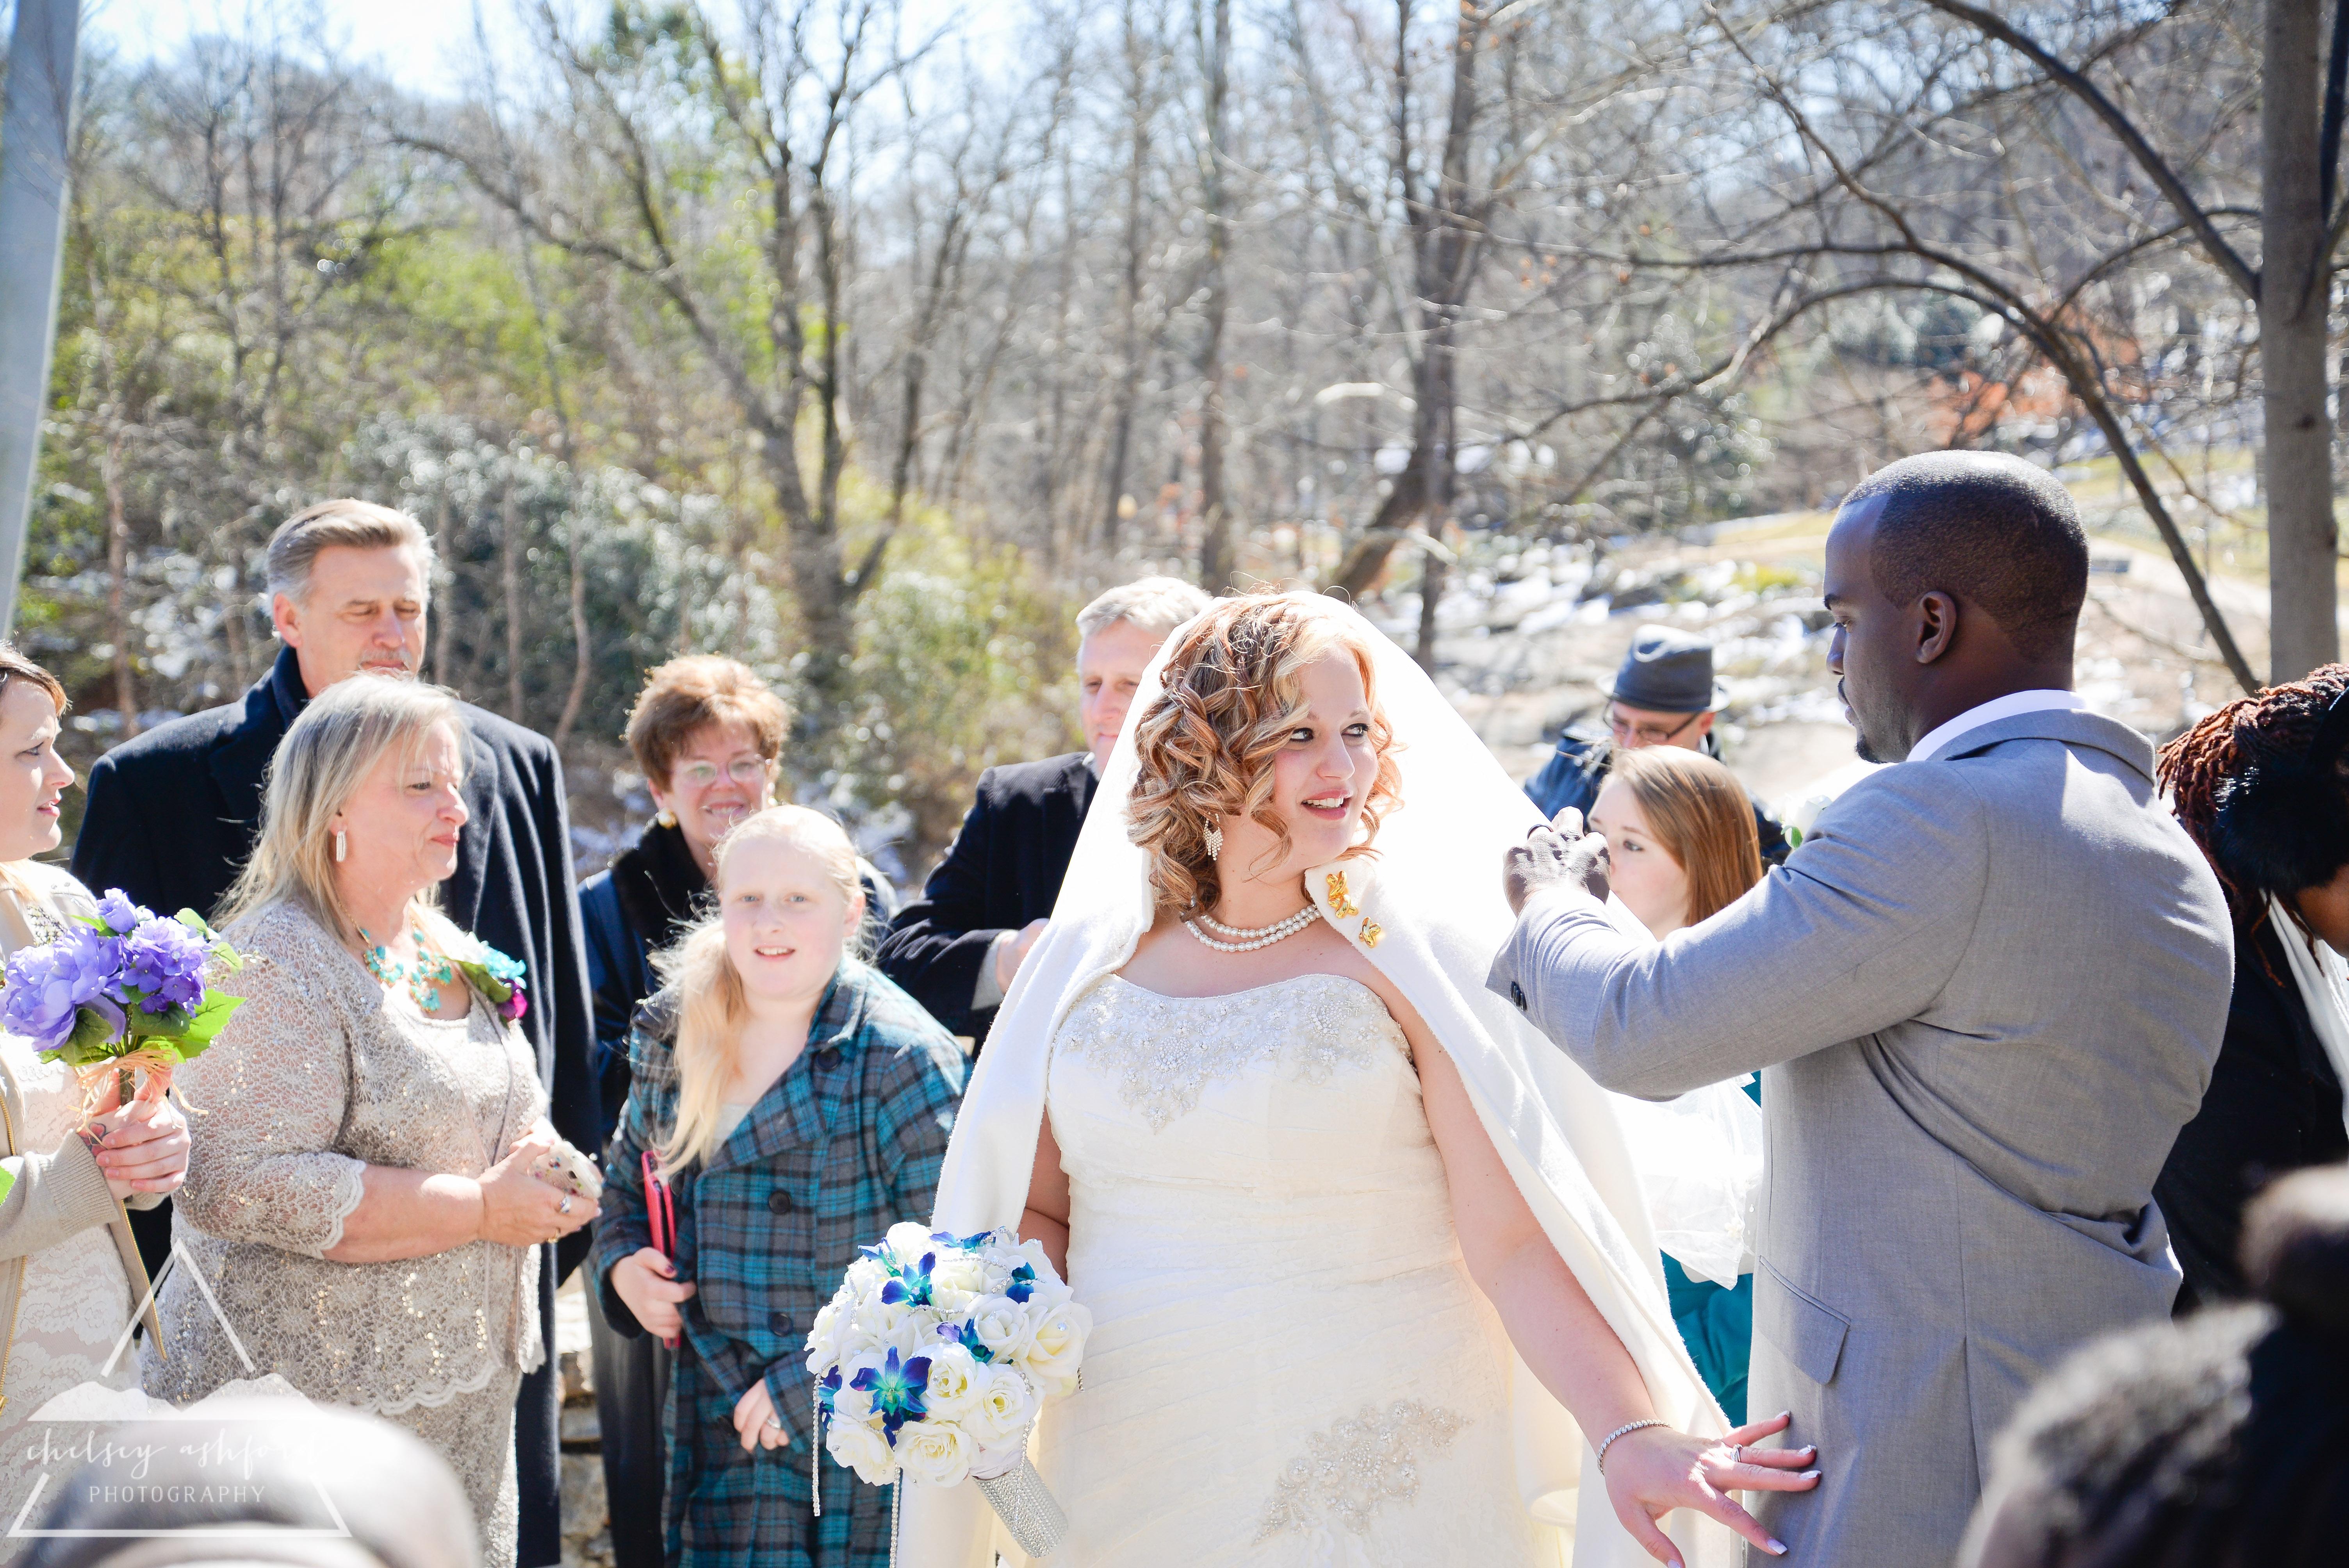 Jessie_Sean_Wedding_Web-54.jpg